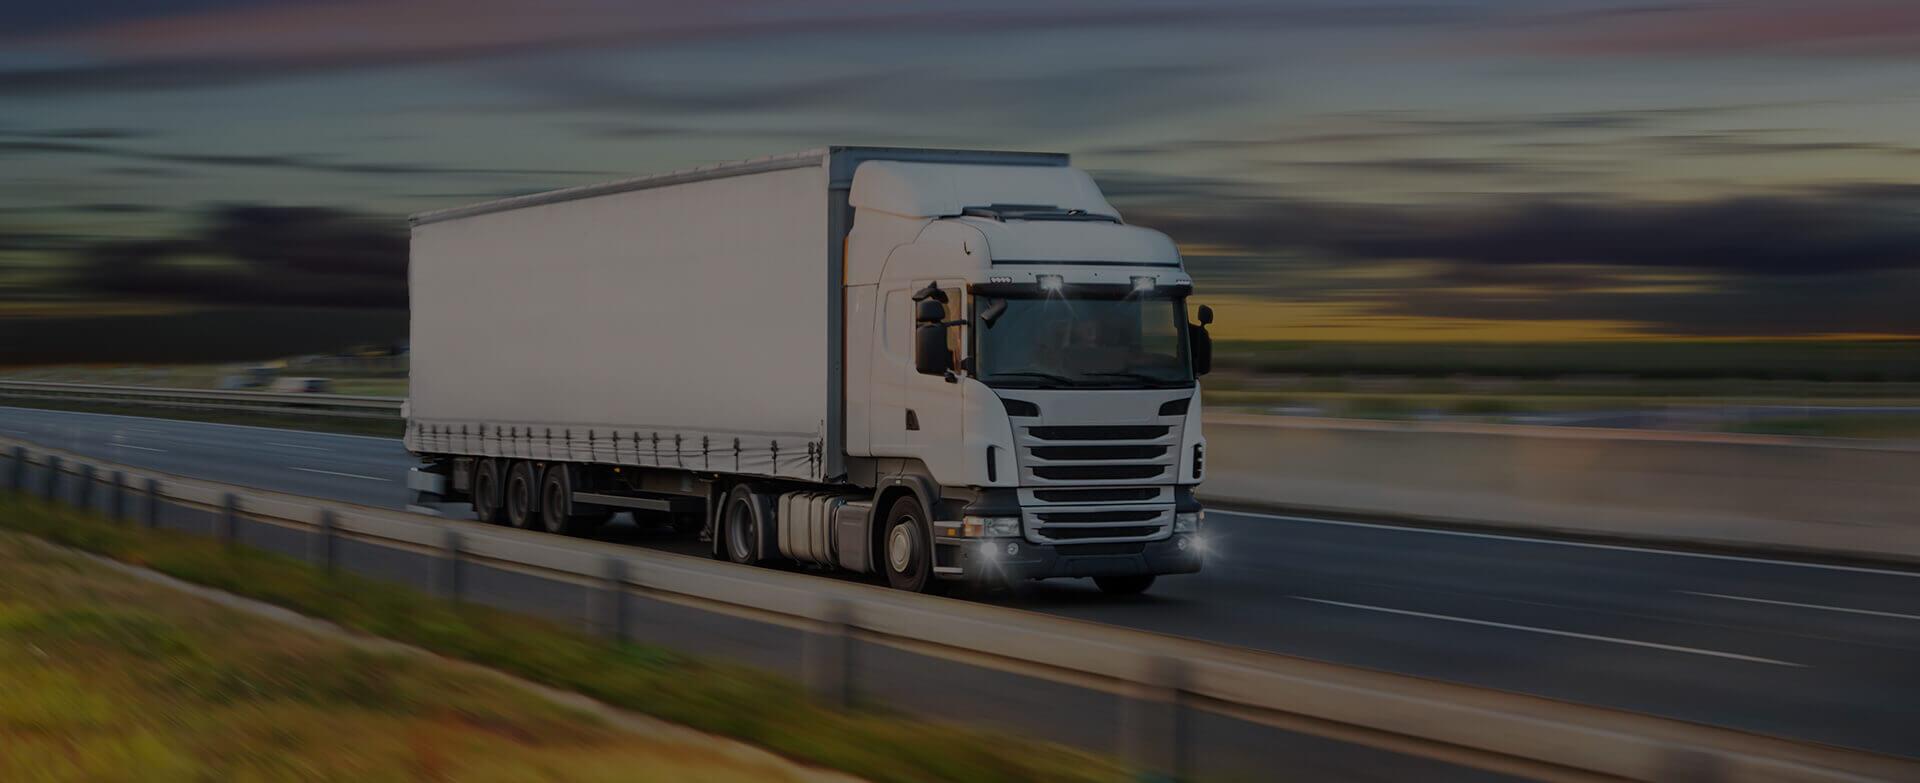 Slider zdjęcie 4 - Firma transportowa MTS | Spedycja, Transport międzynarodowy